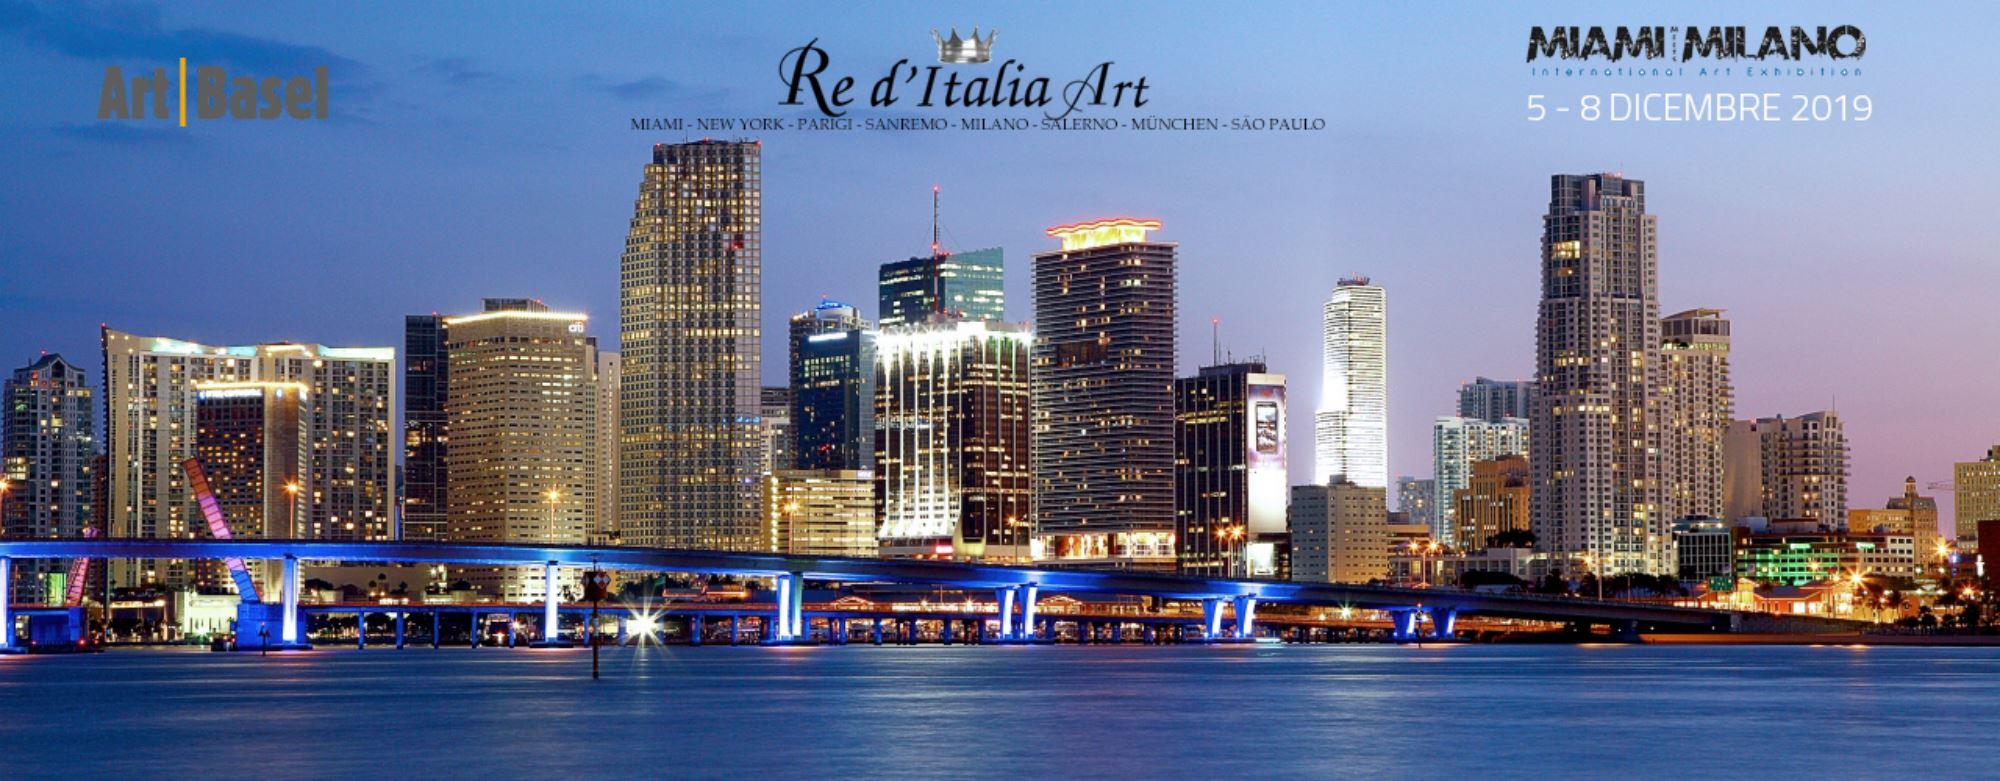 Mostra Miami 2019